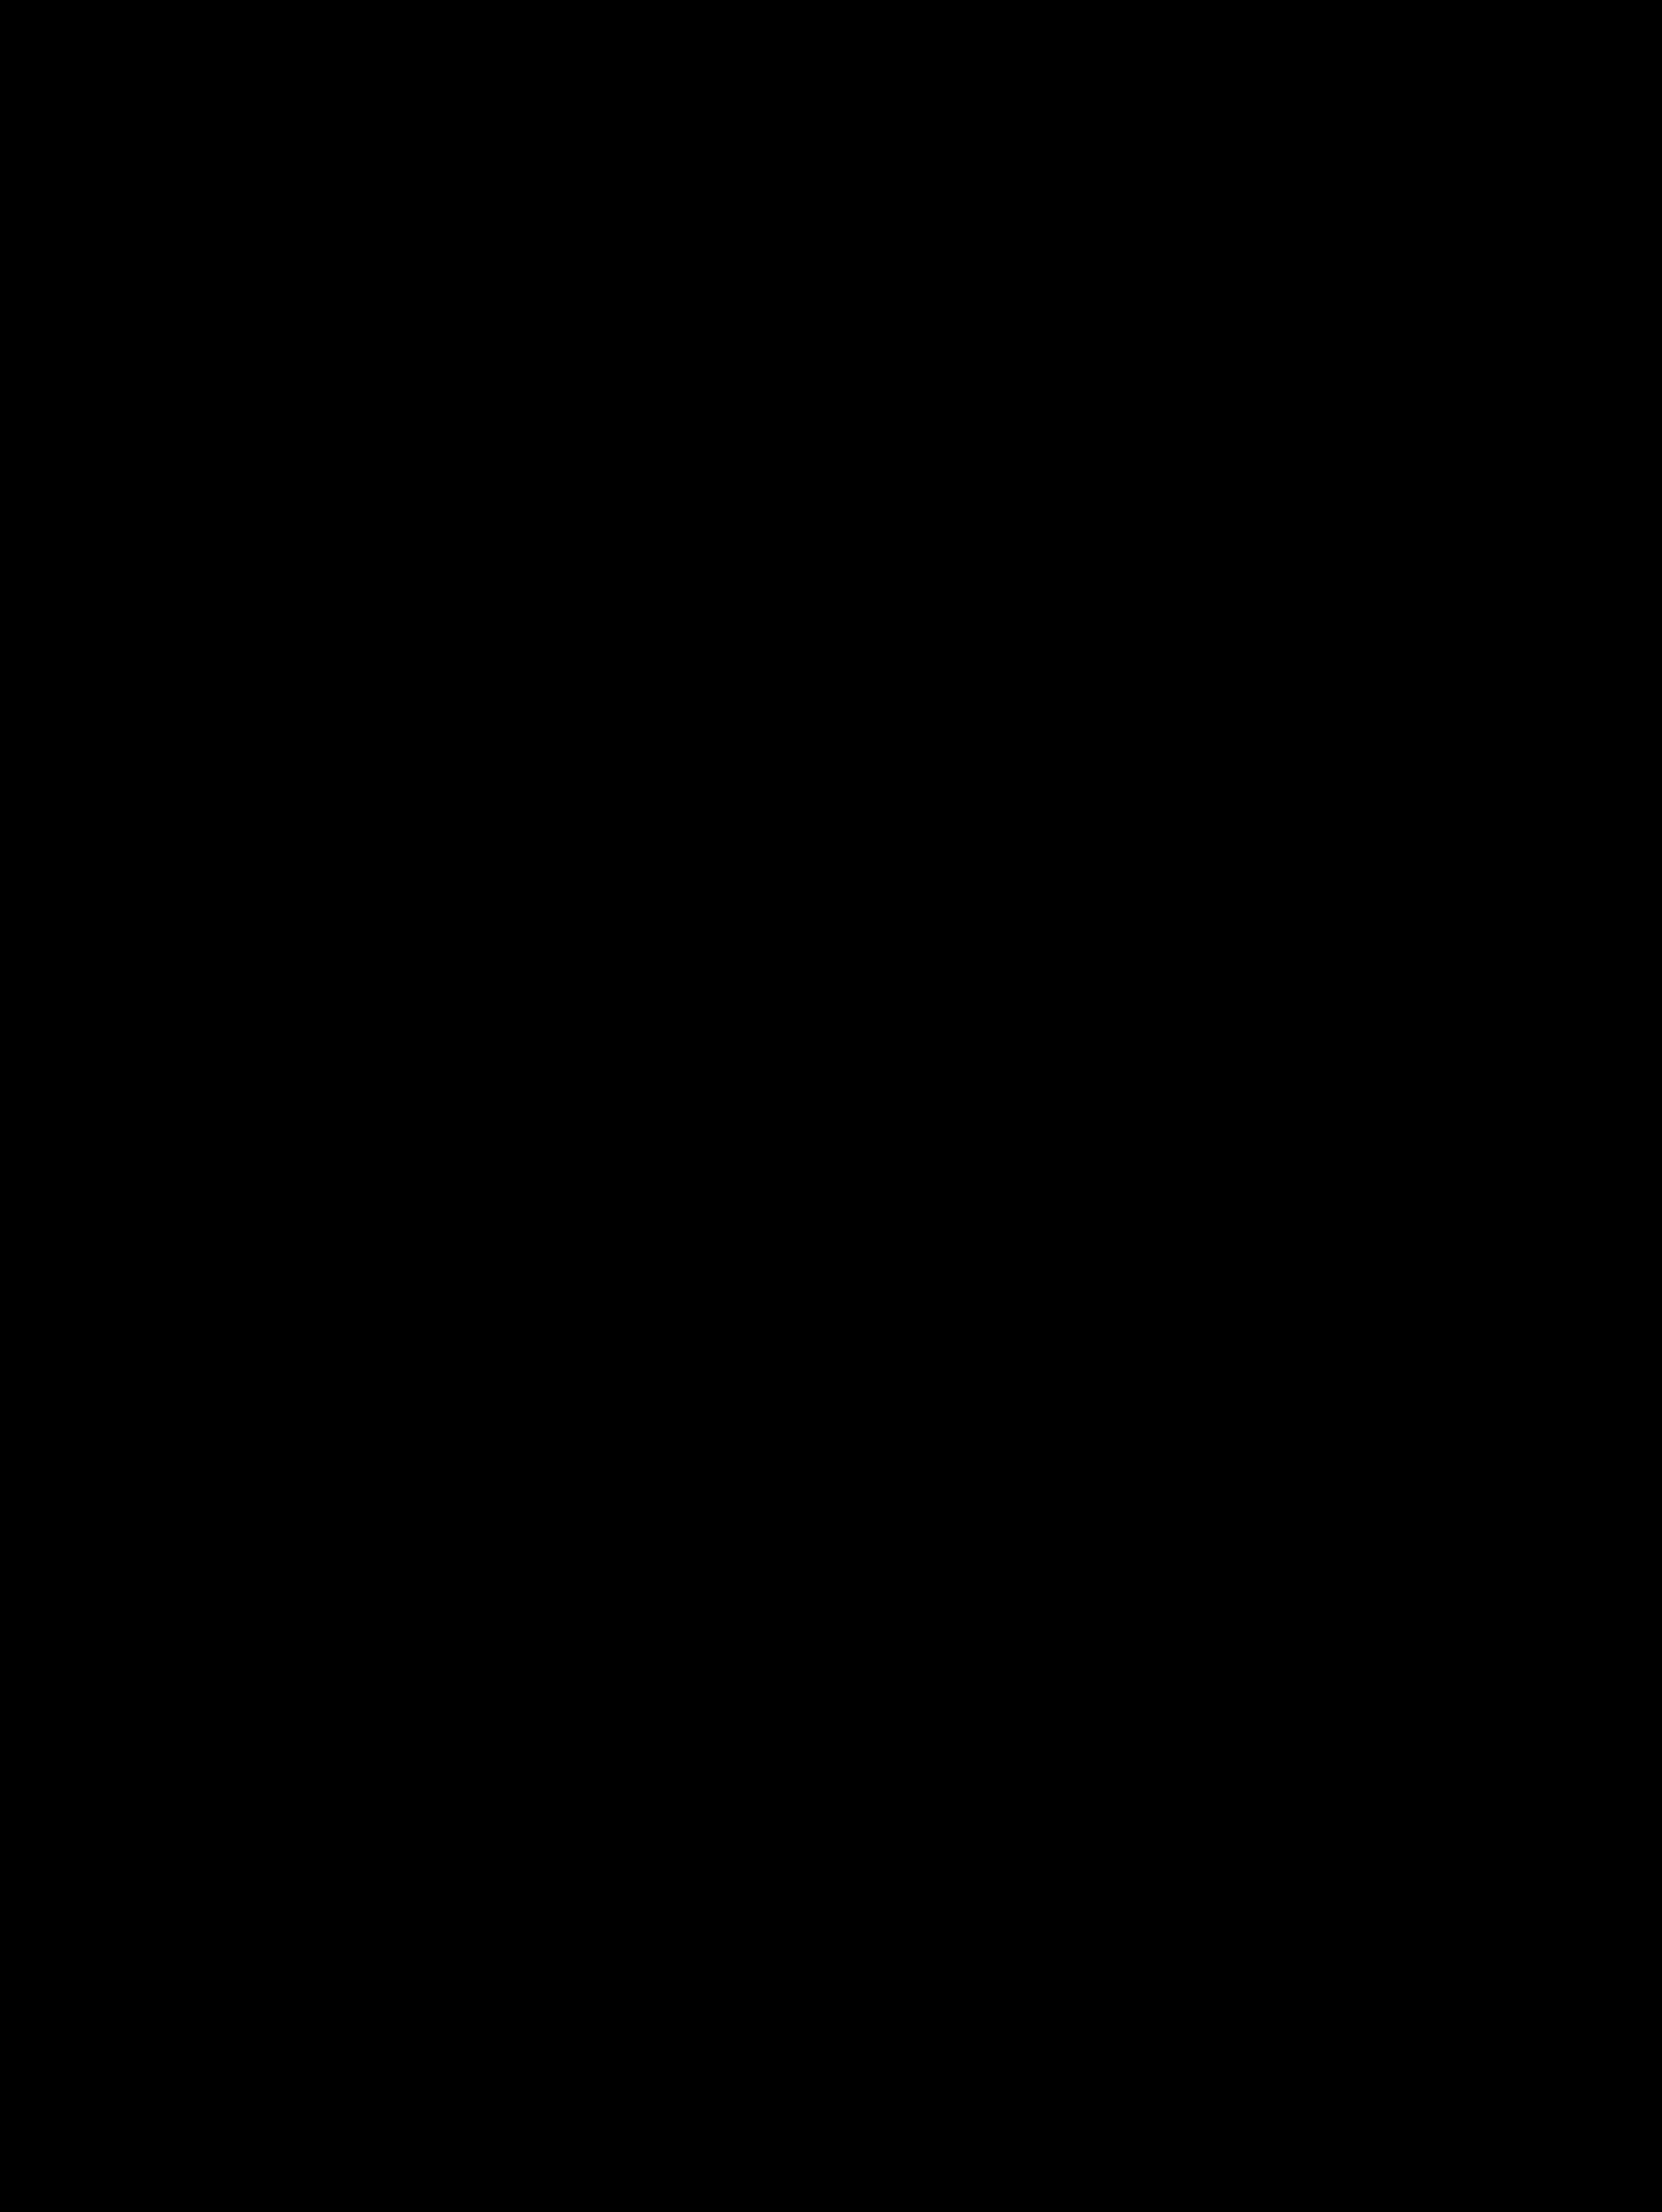 riya sen hot naked doing sexand kissing